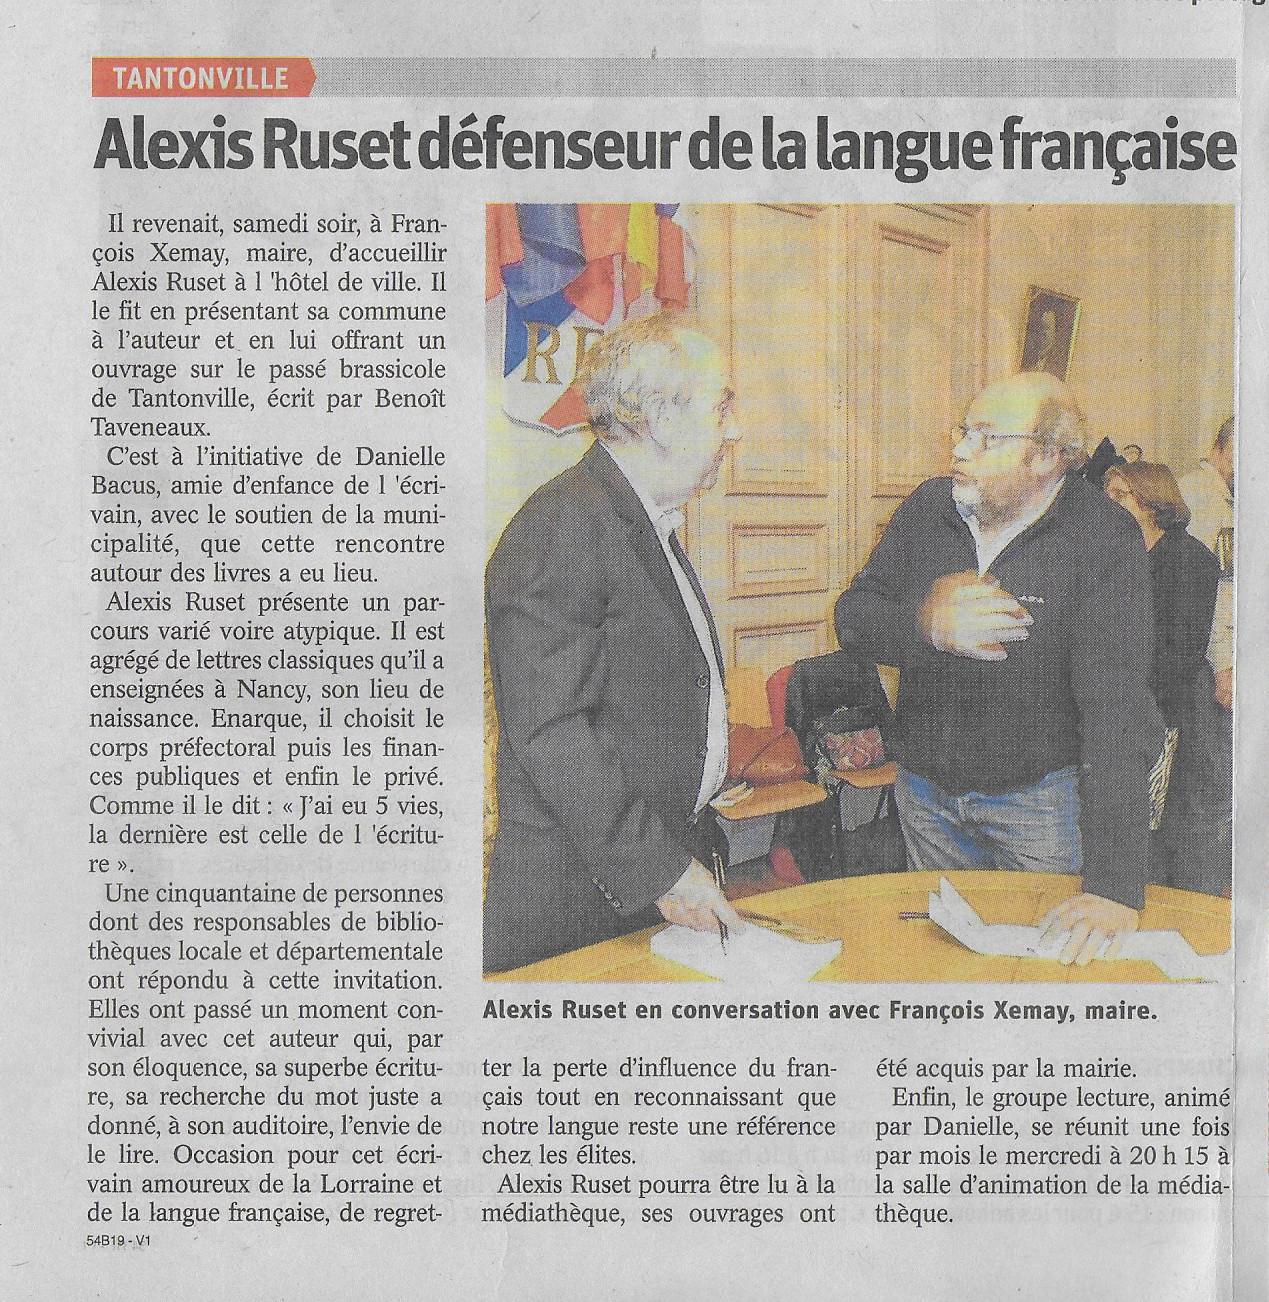 L'Est Républicain du 22/03/2018